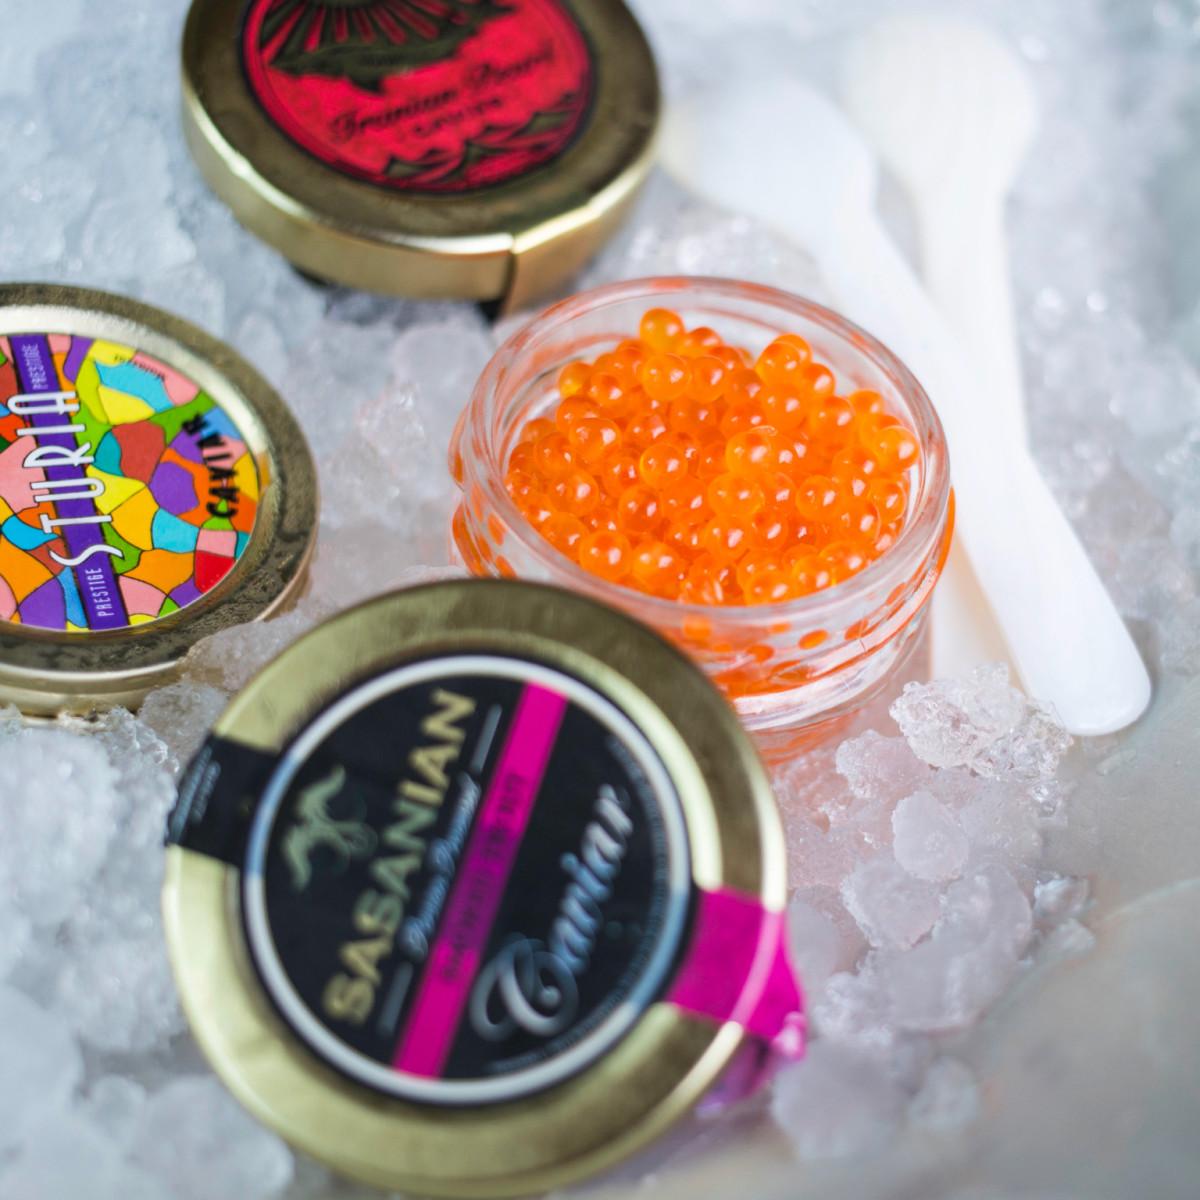 A'Bouzy caviar